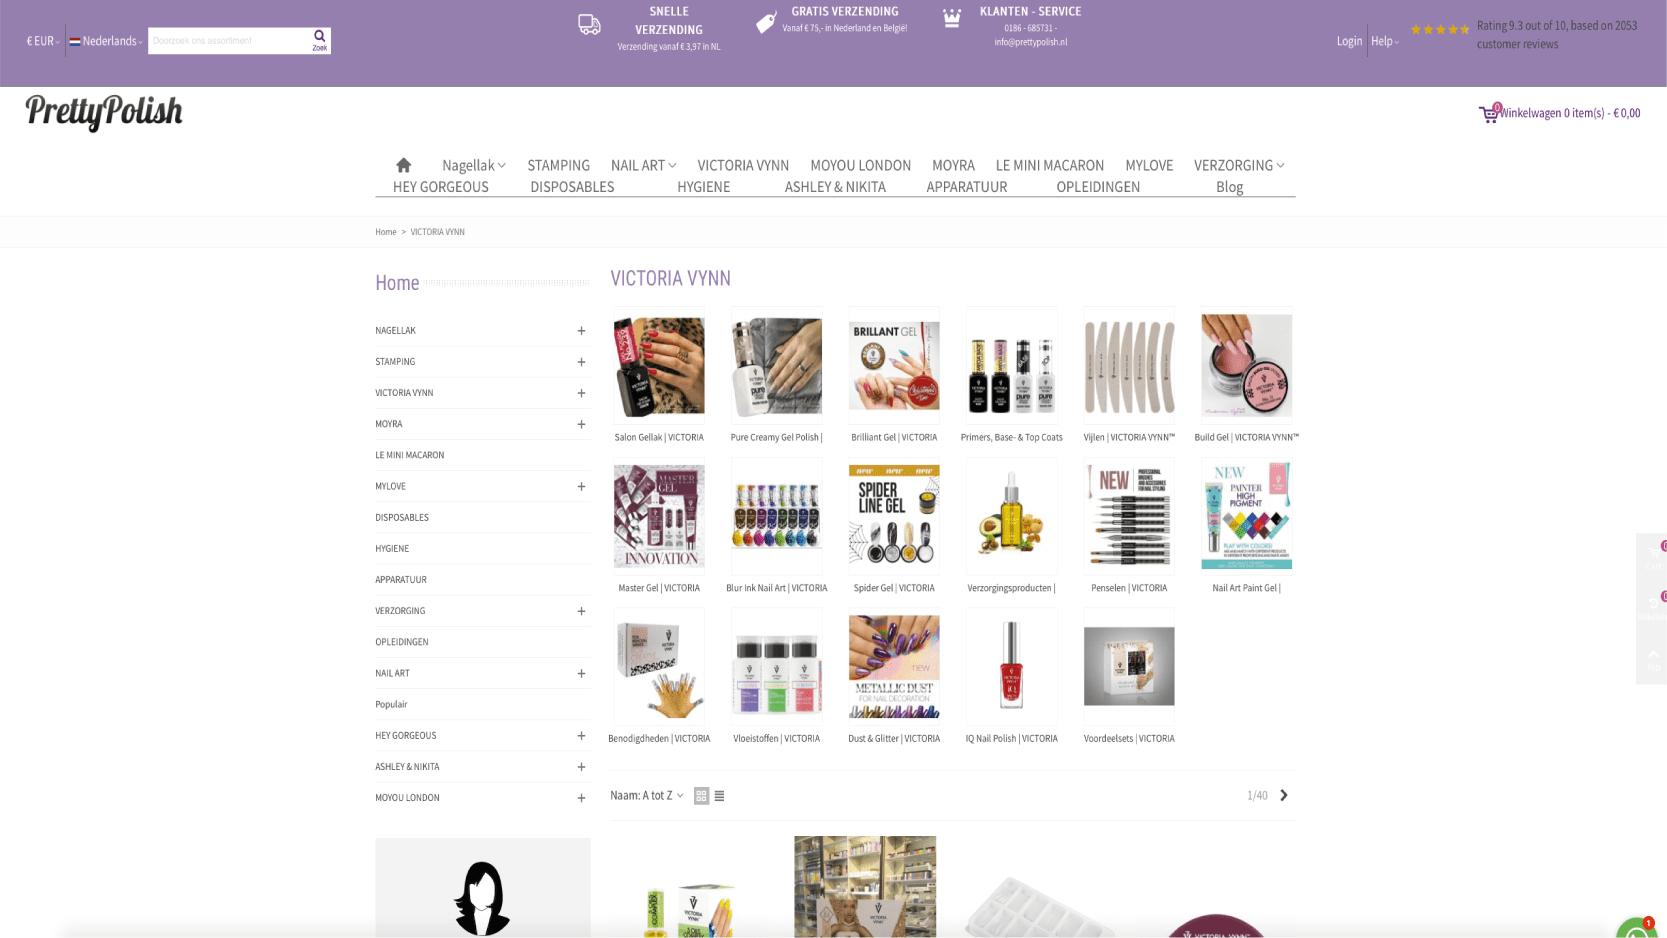 Webshop gemaakt door Grip op bedrijfsgroei